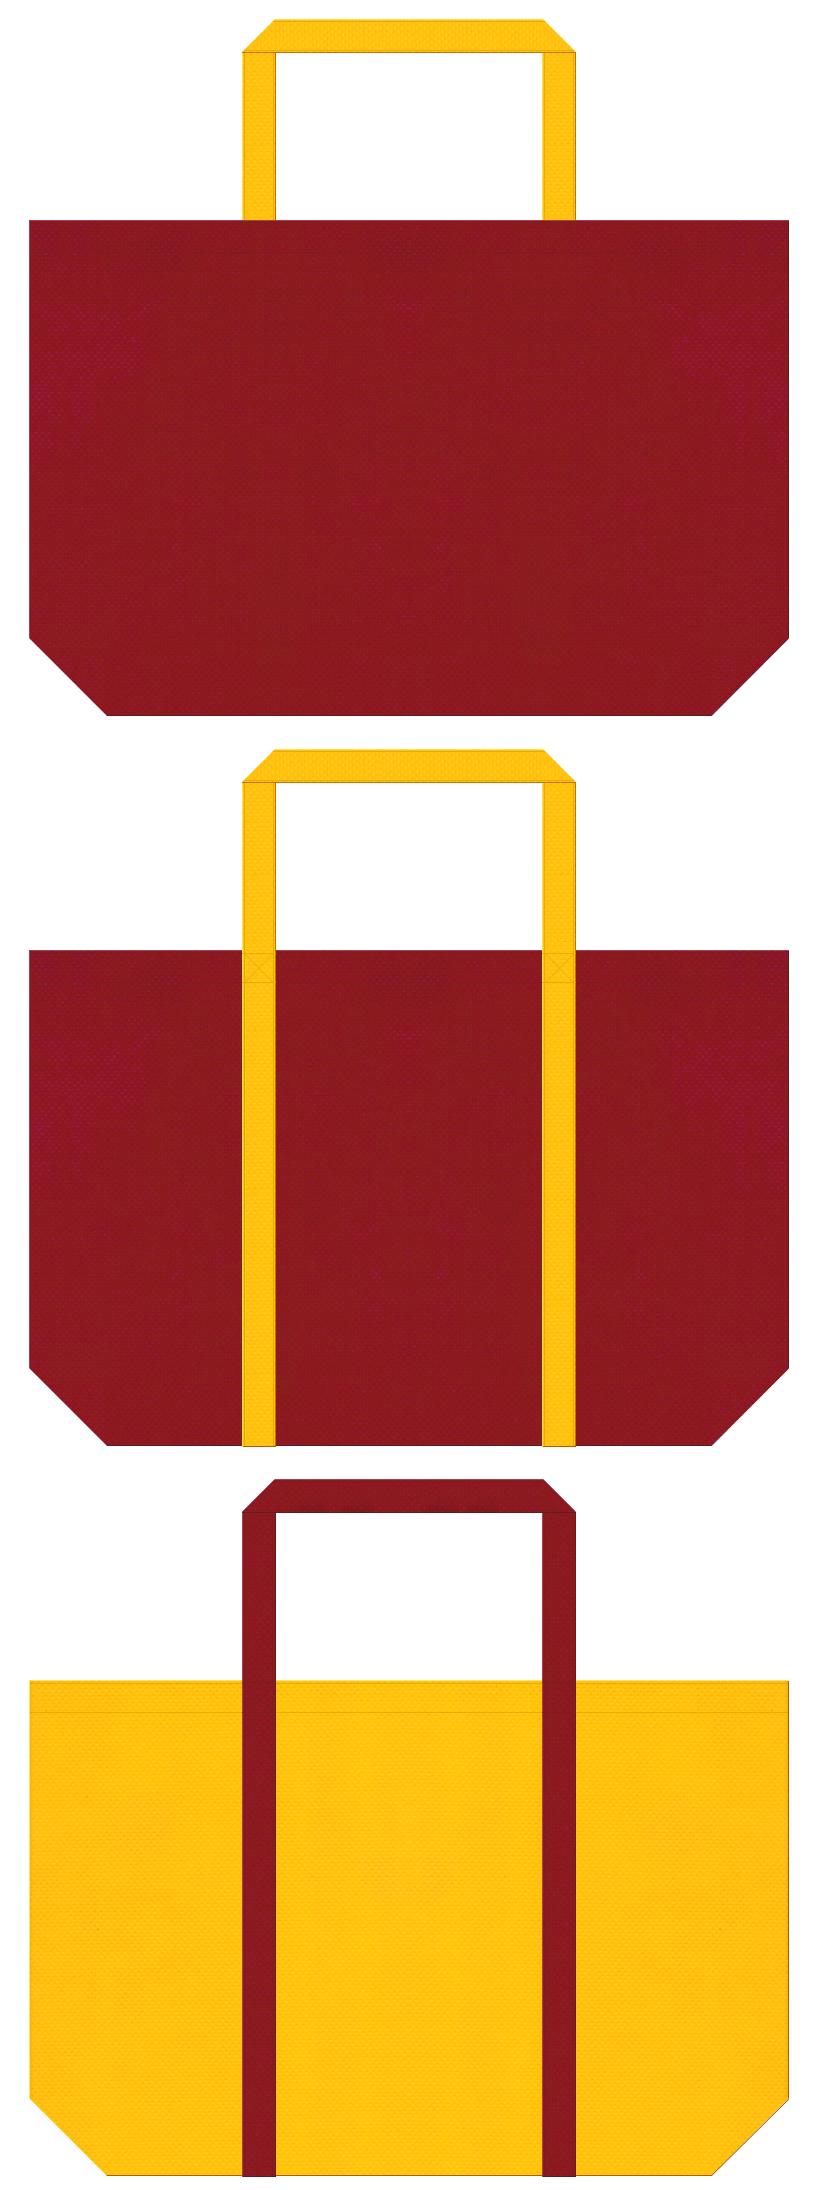 スポーツイベント・アウトドア・登山・ランタン・キャンプ用品のショッピングバッグにお奨め:エンジ色と黄色の不織布ショッピングバッグのデザイン